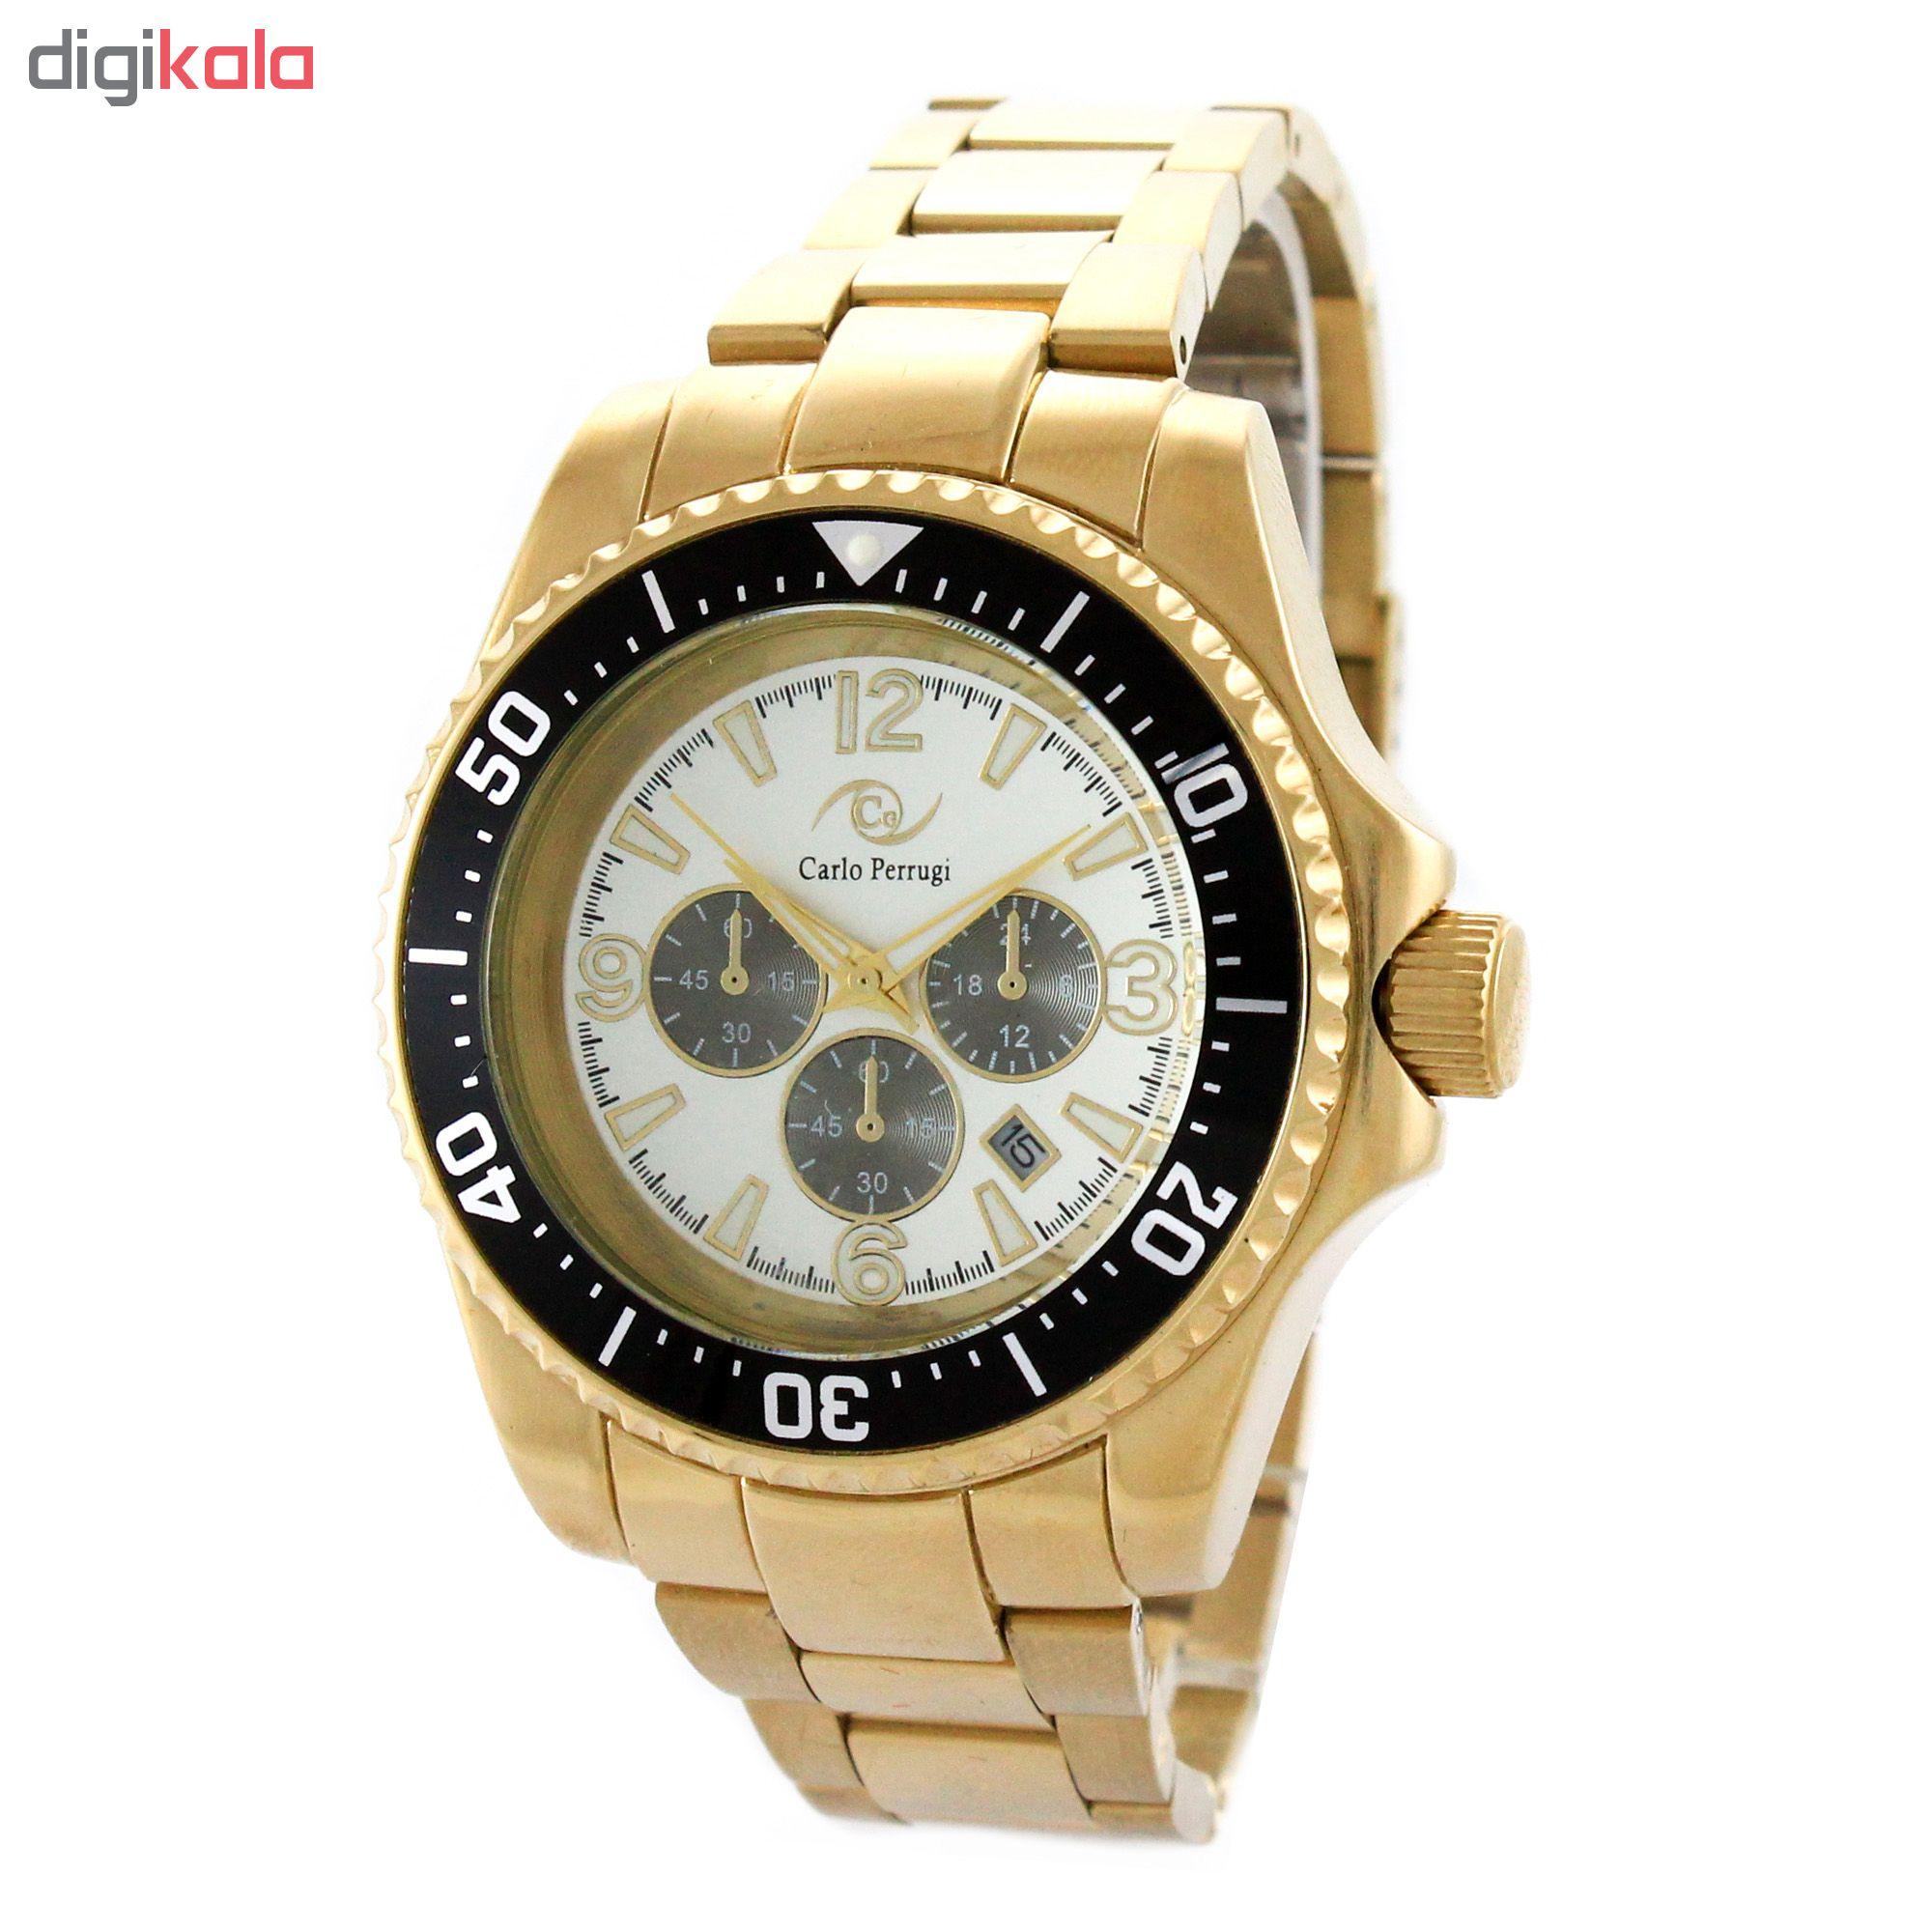 خرید ساعت مچی عقربه ای مردانه کارلو پروجی مدل G8998-1